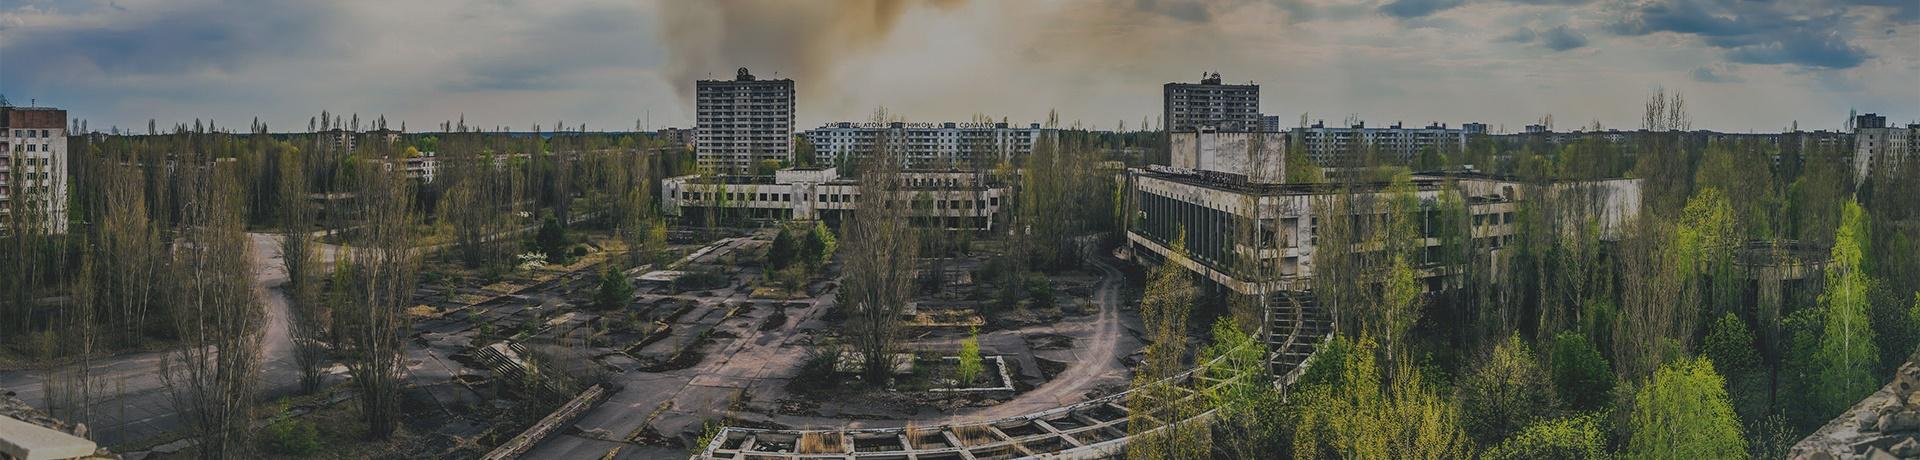 Чернобыль баннер